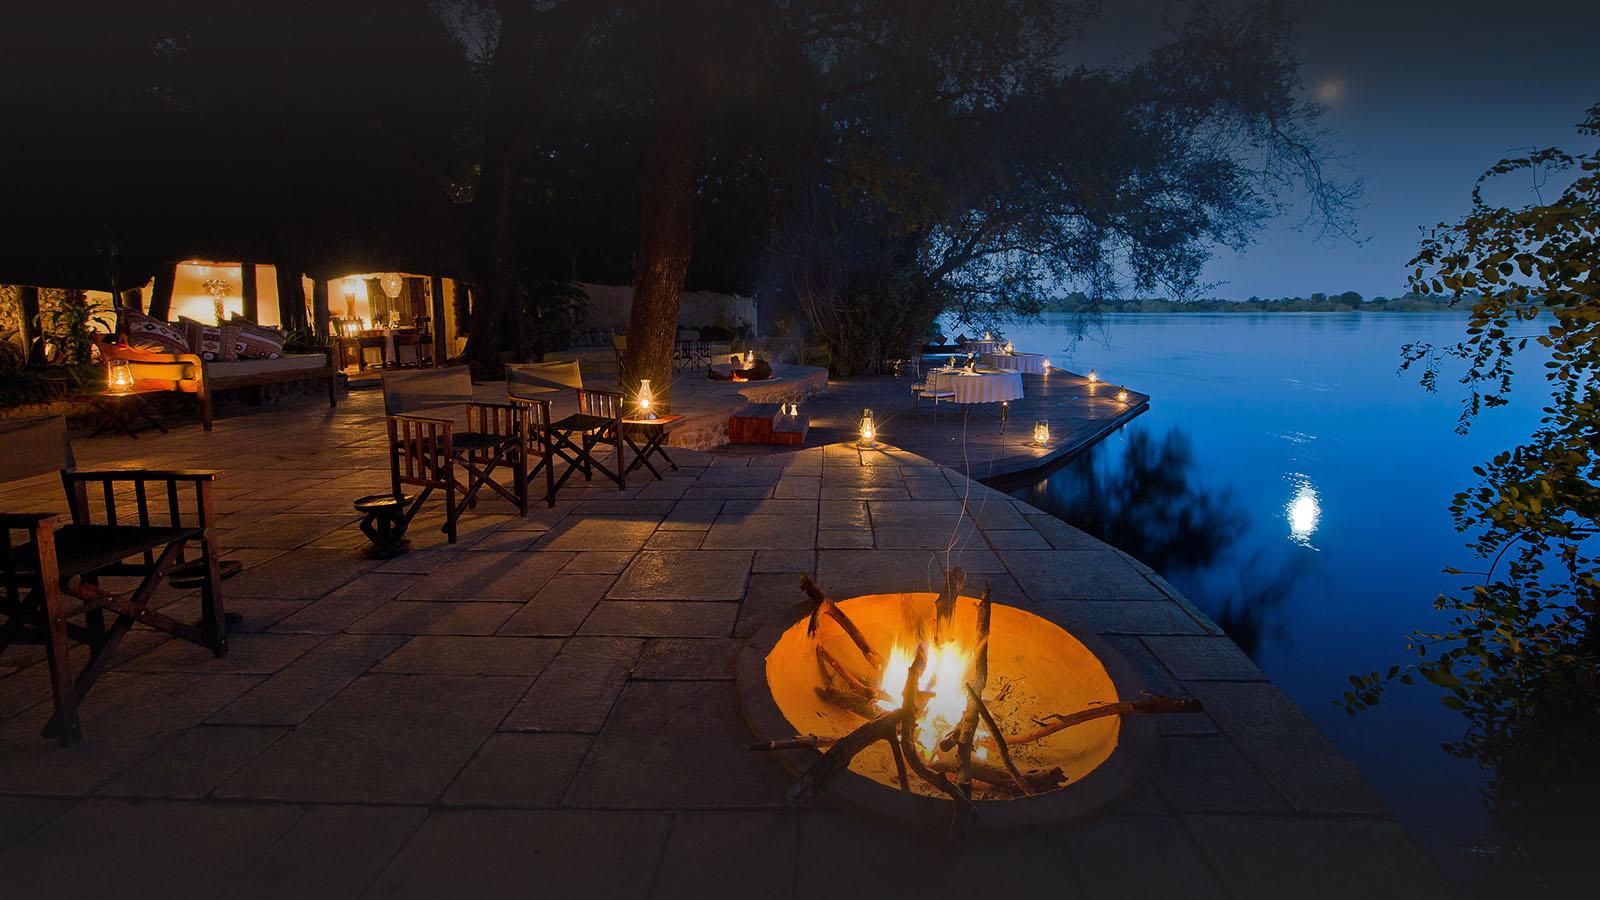 classic-zambia-short-zambia-in-style-safari-packages-tours-tongabezi-main-lodge